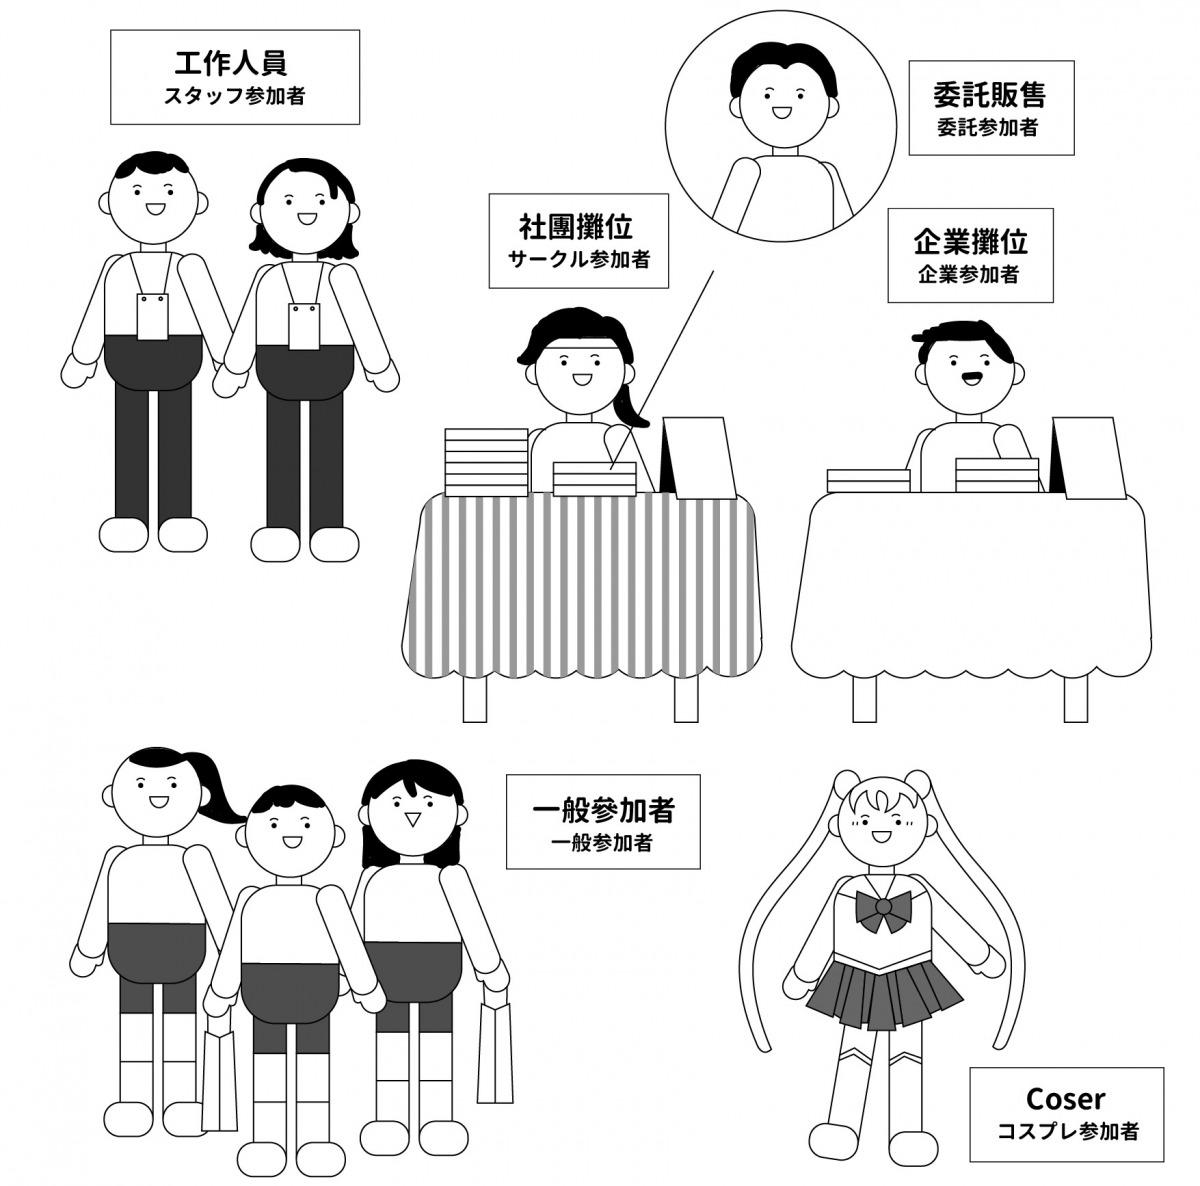 3_ri_ben_dong_man_iptu_biao_comiket.jpg